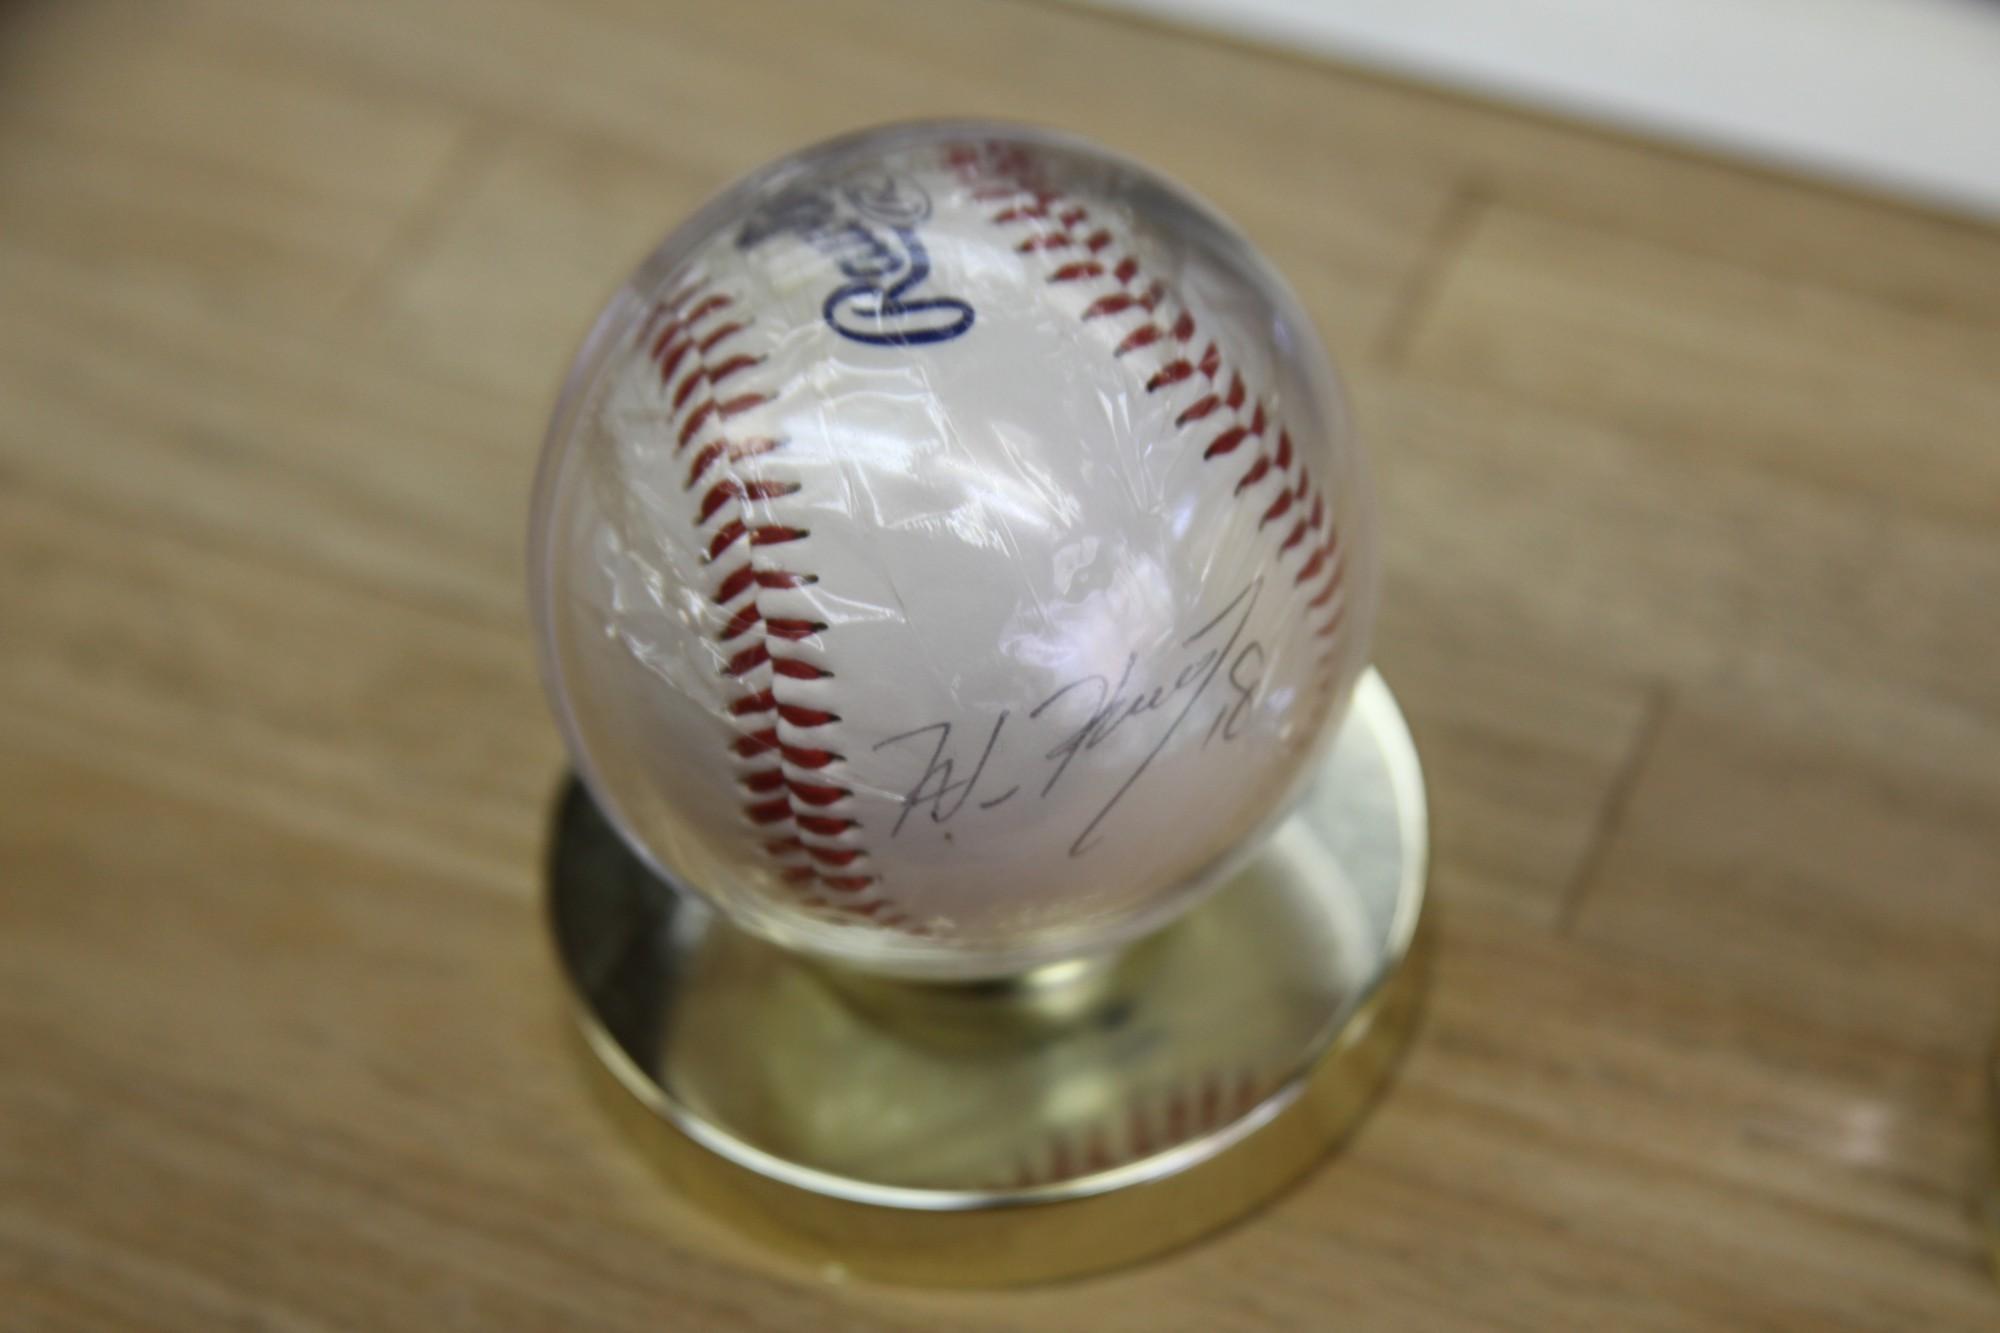 「黒田といえば…」とご主人が取り出したのは、ロサンゼルス・ドジャース時代の黒田博樹選手のサインボール。お店を訪れた広島ファンのお客さんからプレゼントされたもの。